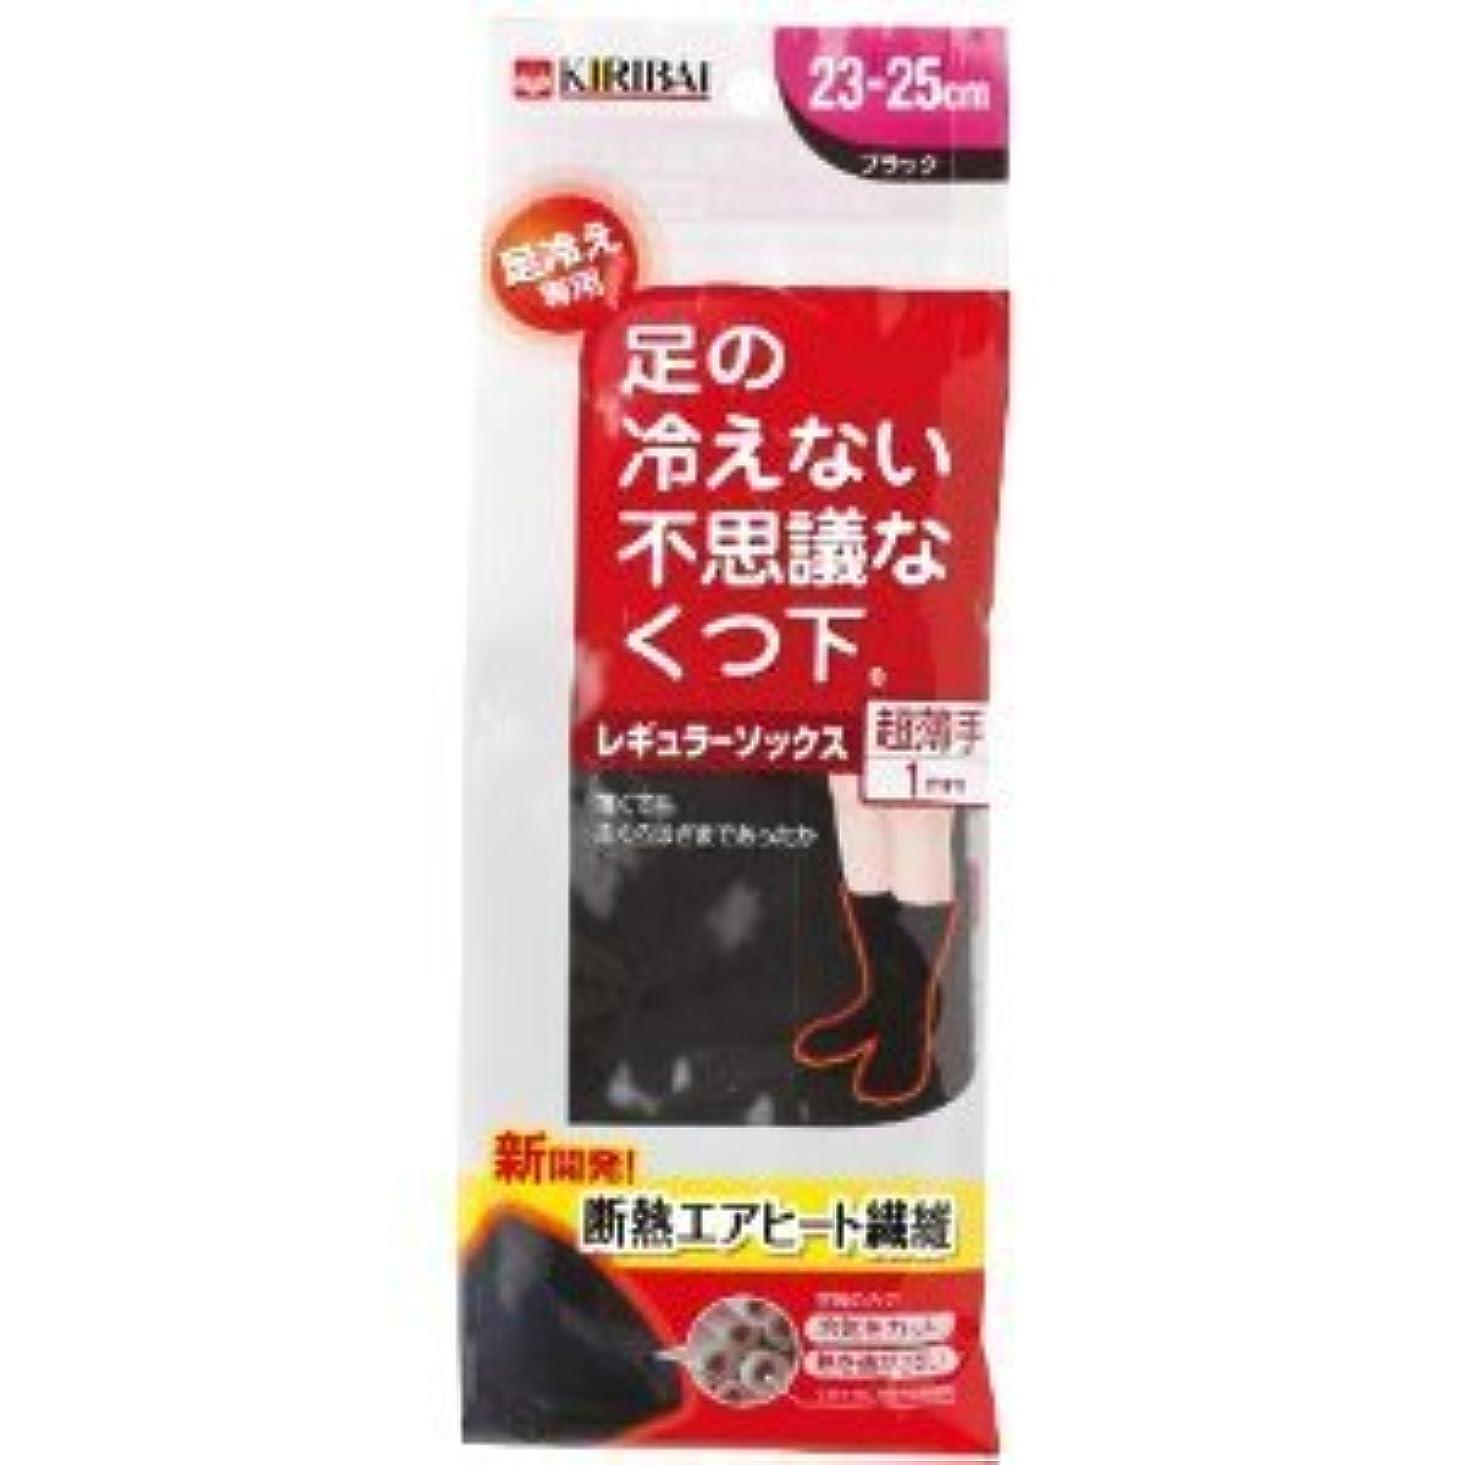 遺棄された黒くするリハーサル足の冷えない不思議なくつ下 レギュラーソックス 超薄手 ブラック 23-25cm×2個